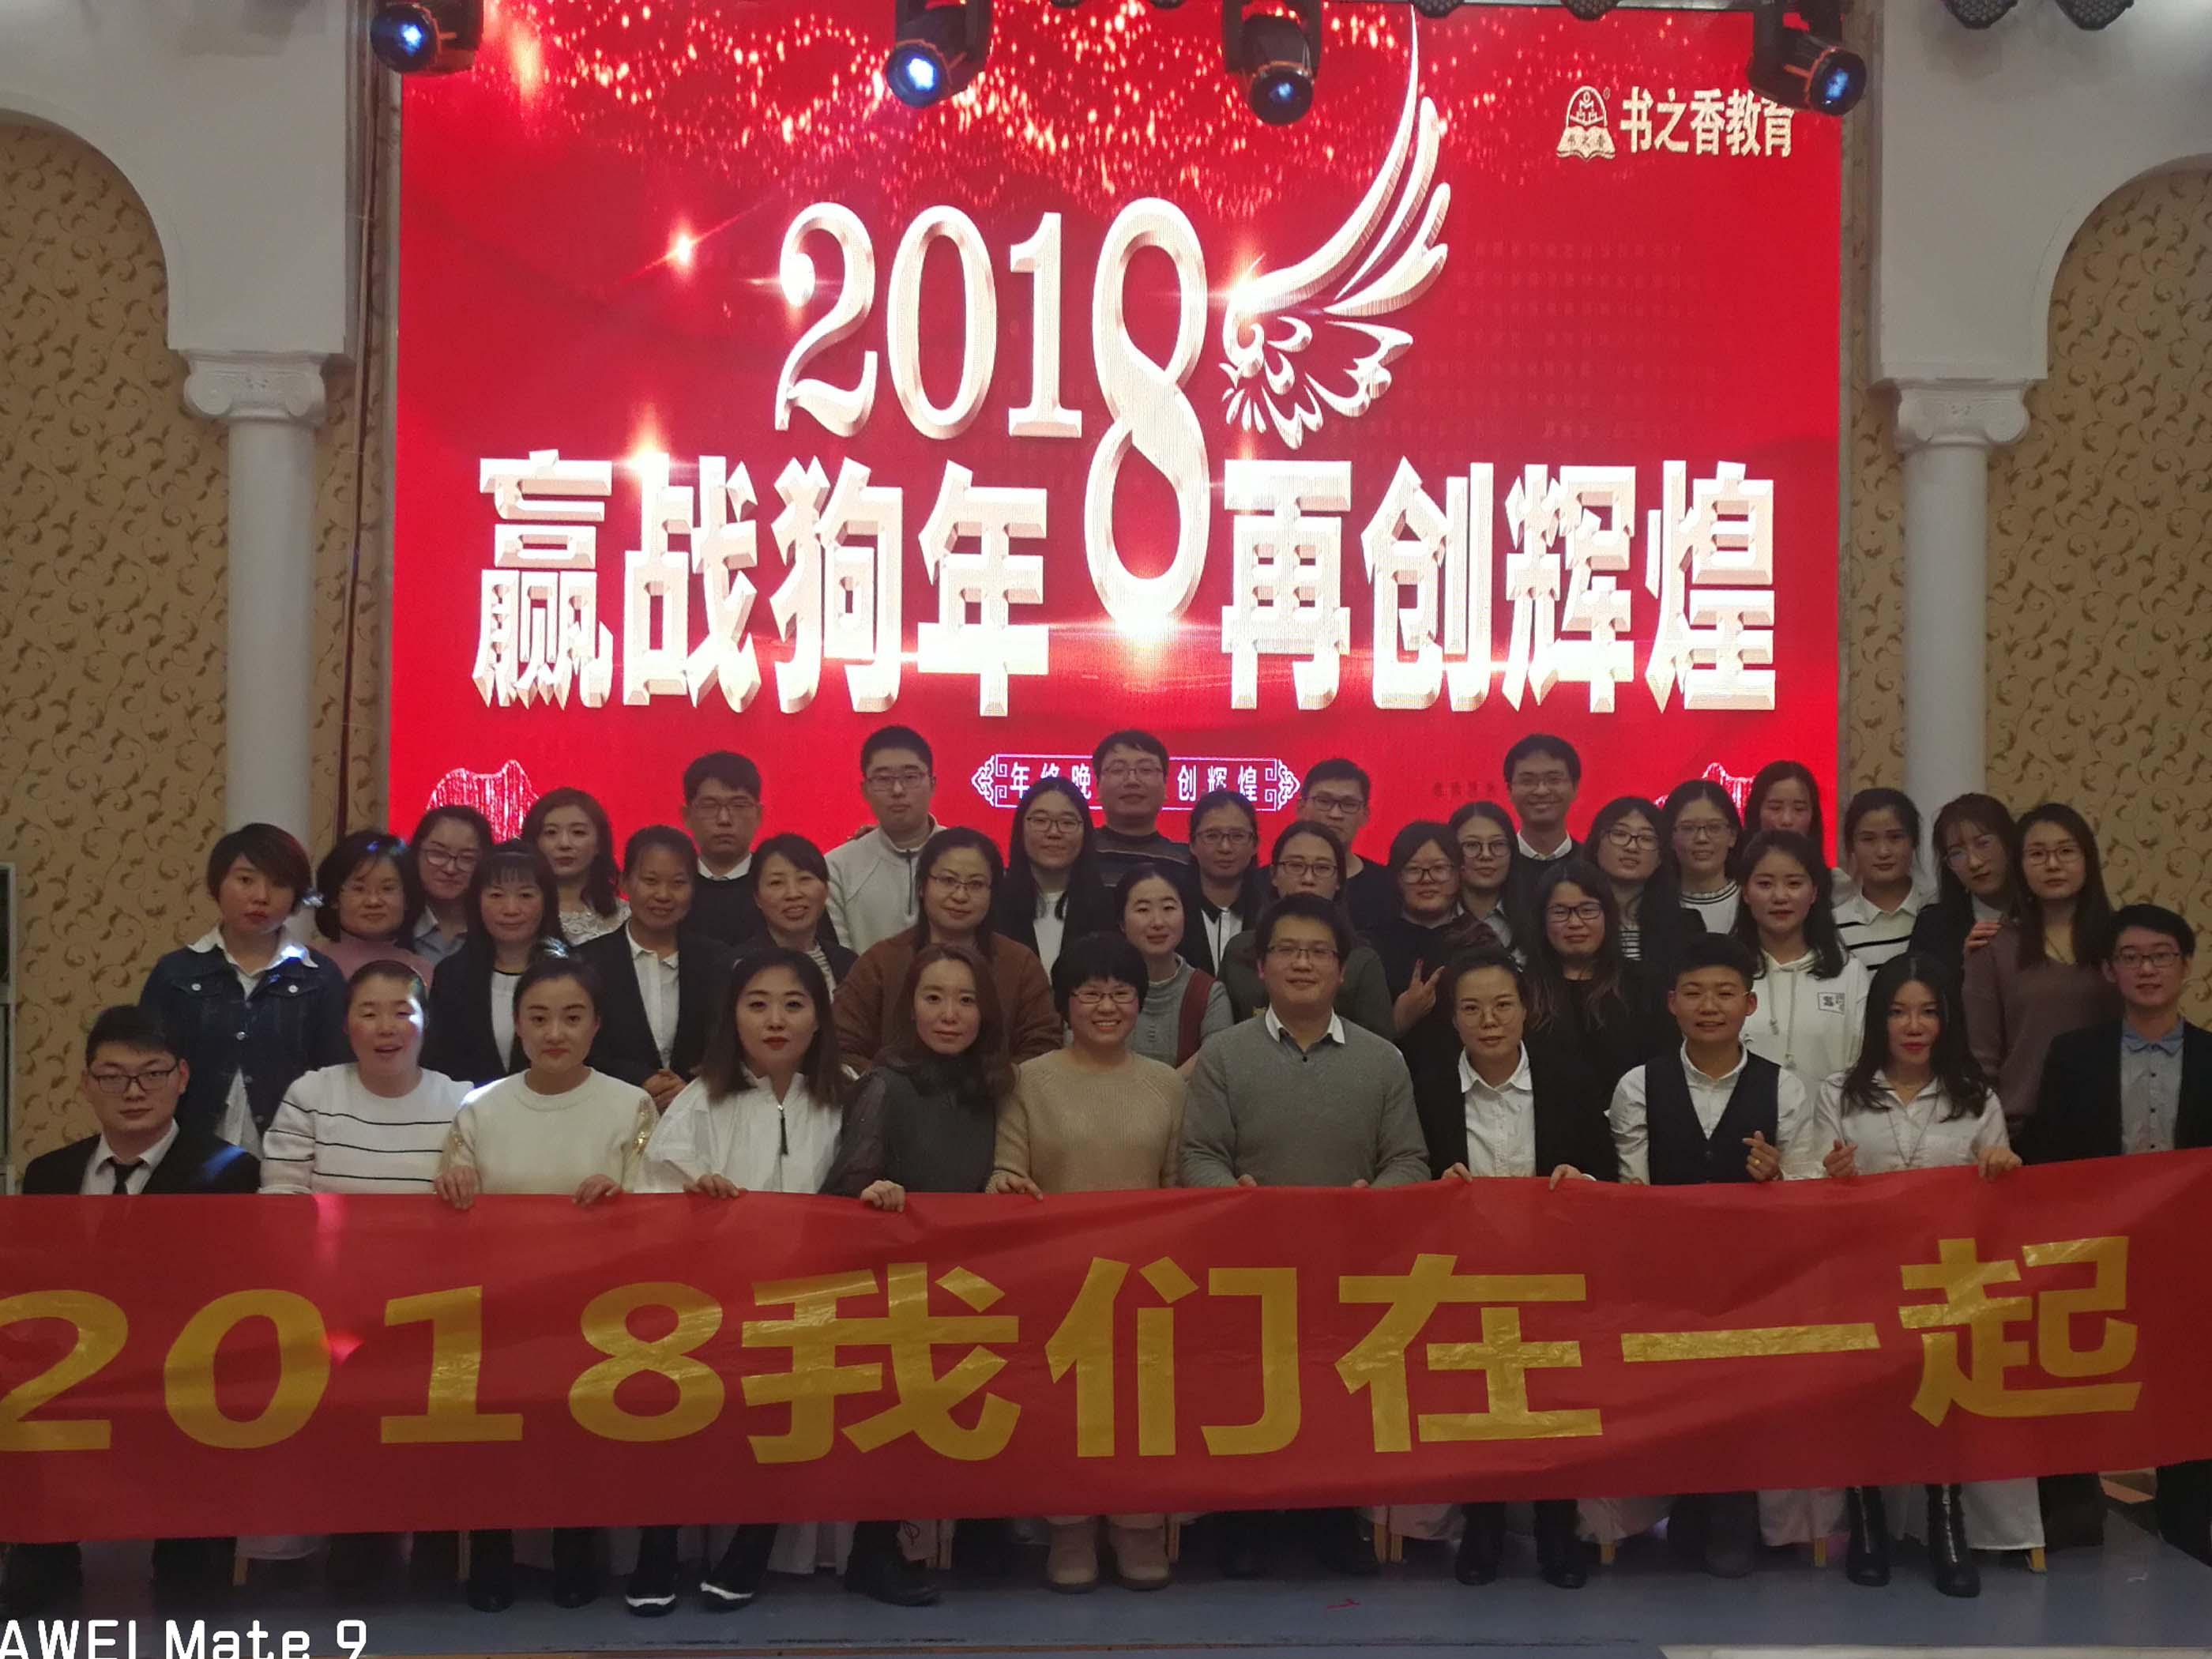 2018年青岛书之香教育年庆活动